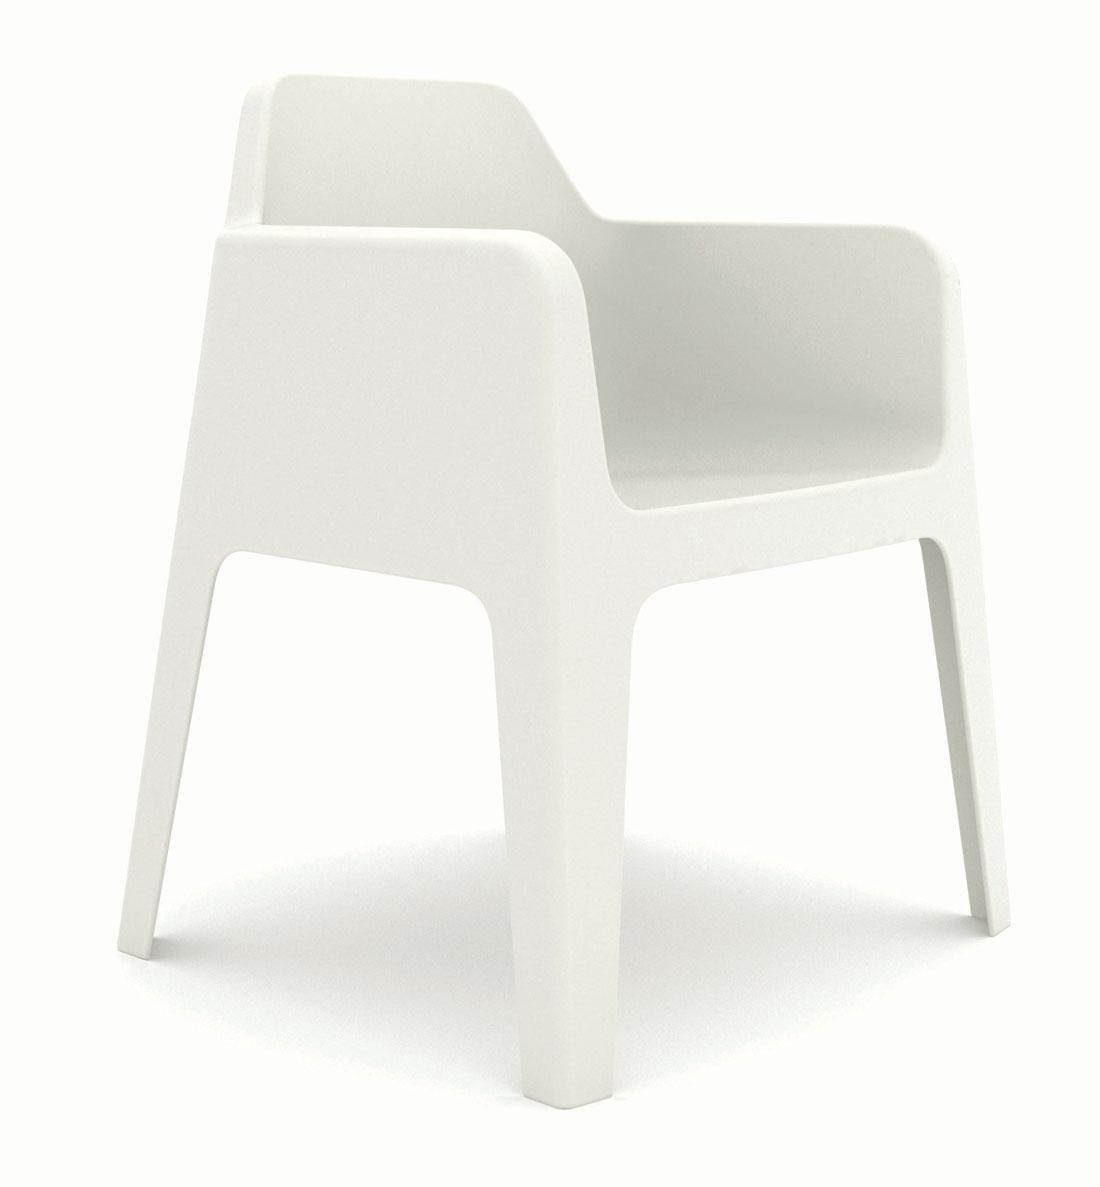 Designonline24 aanbiedingen met korting   Actiedagaanbiedingen nl